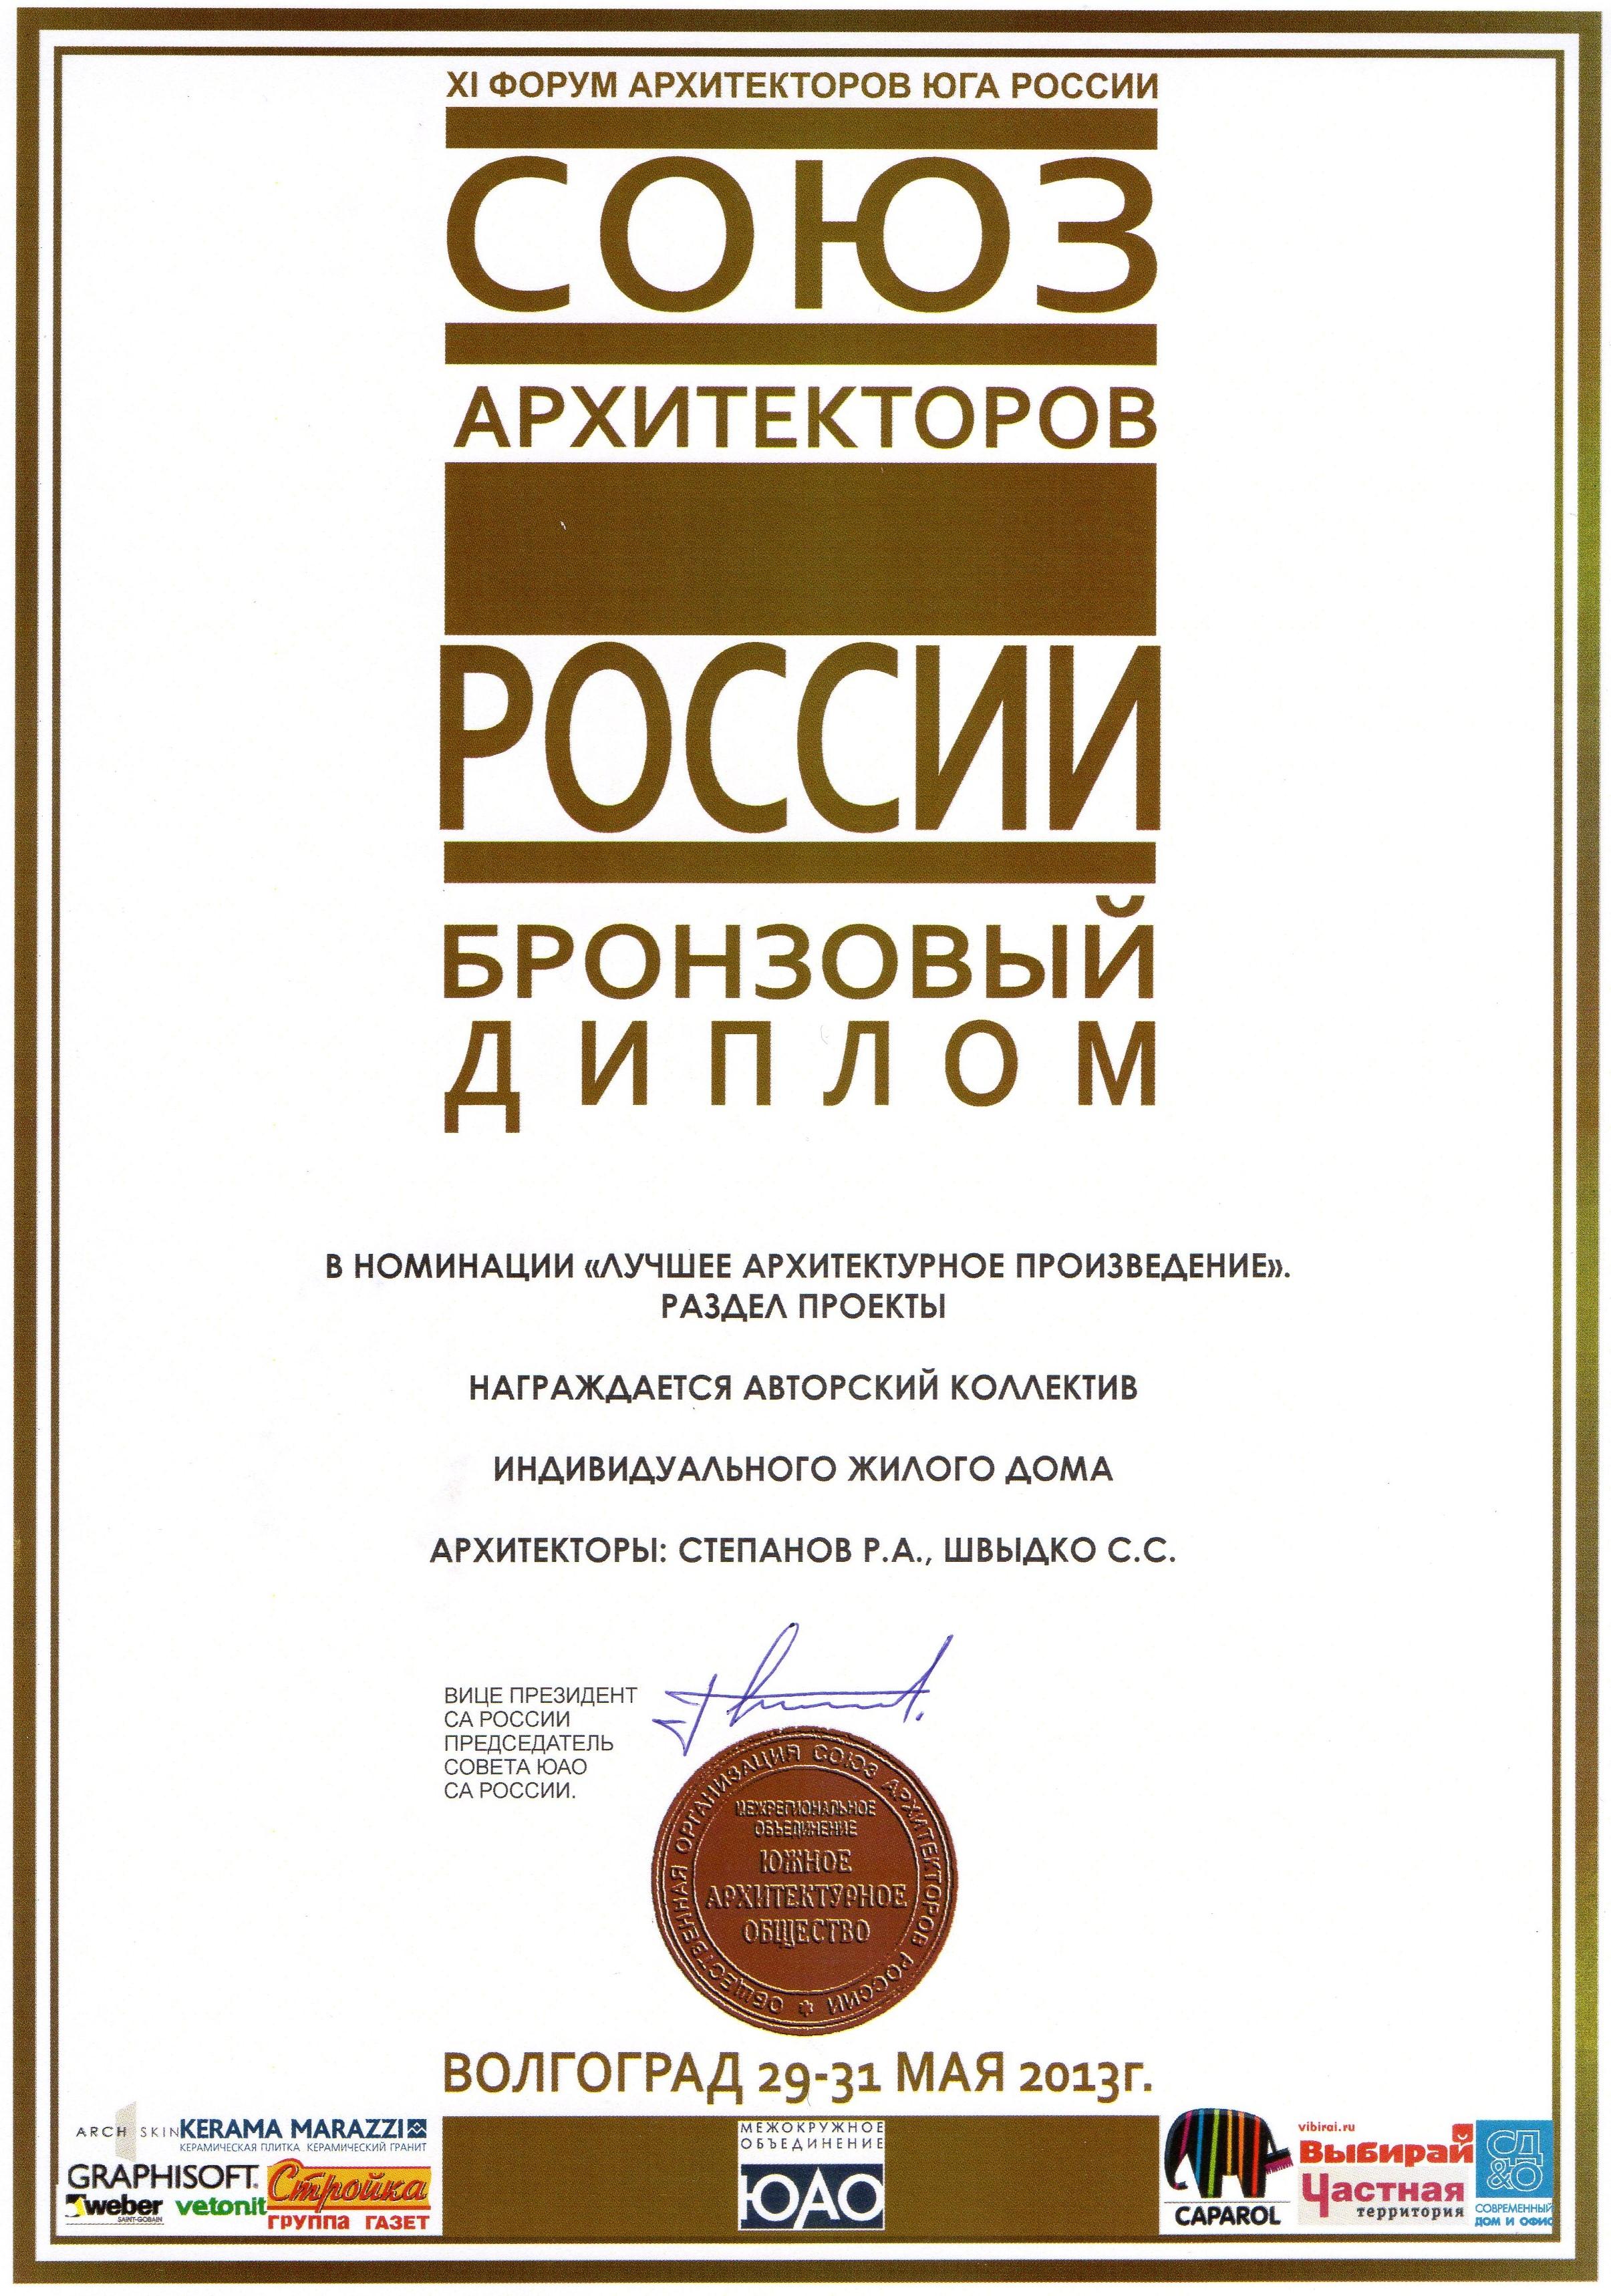 """Бронзовый диплом в номинации """"Лучшее архитектурное произведение"""""""